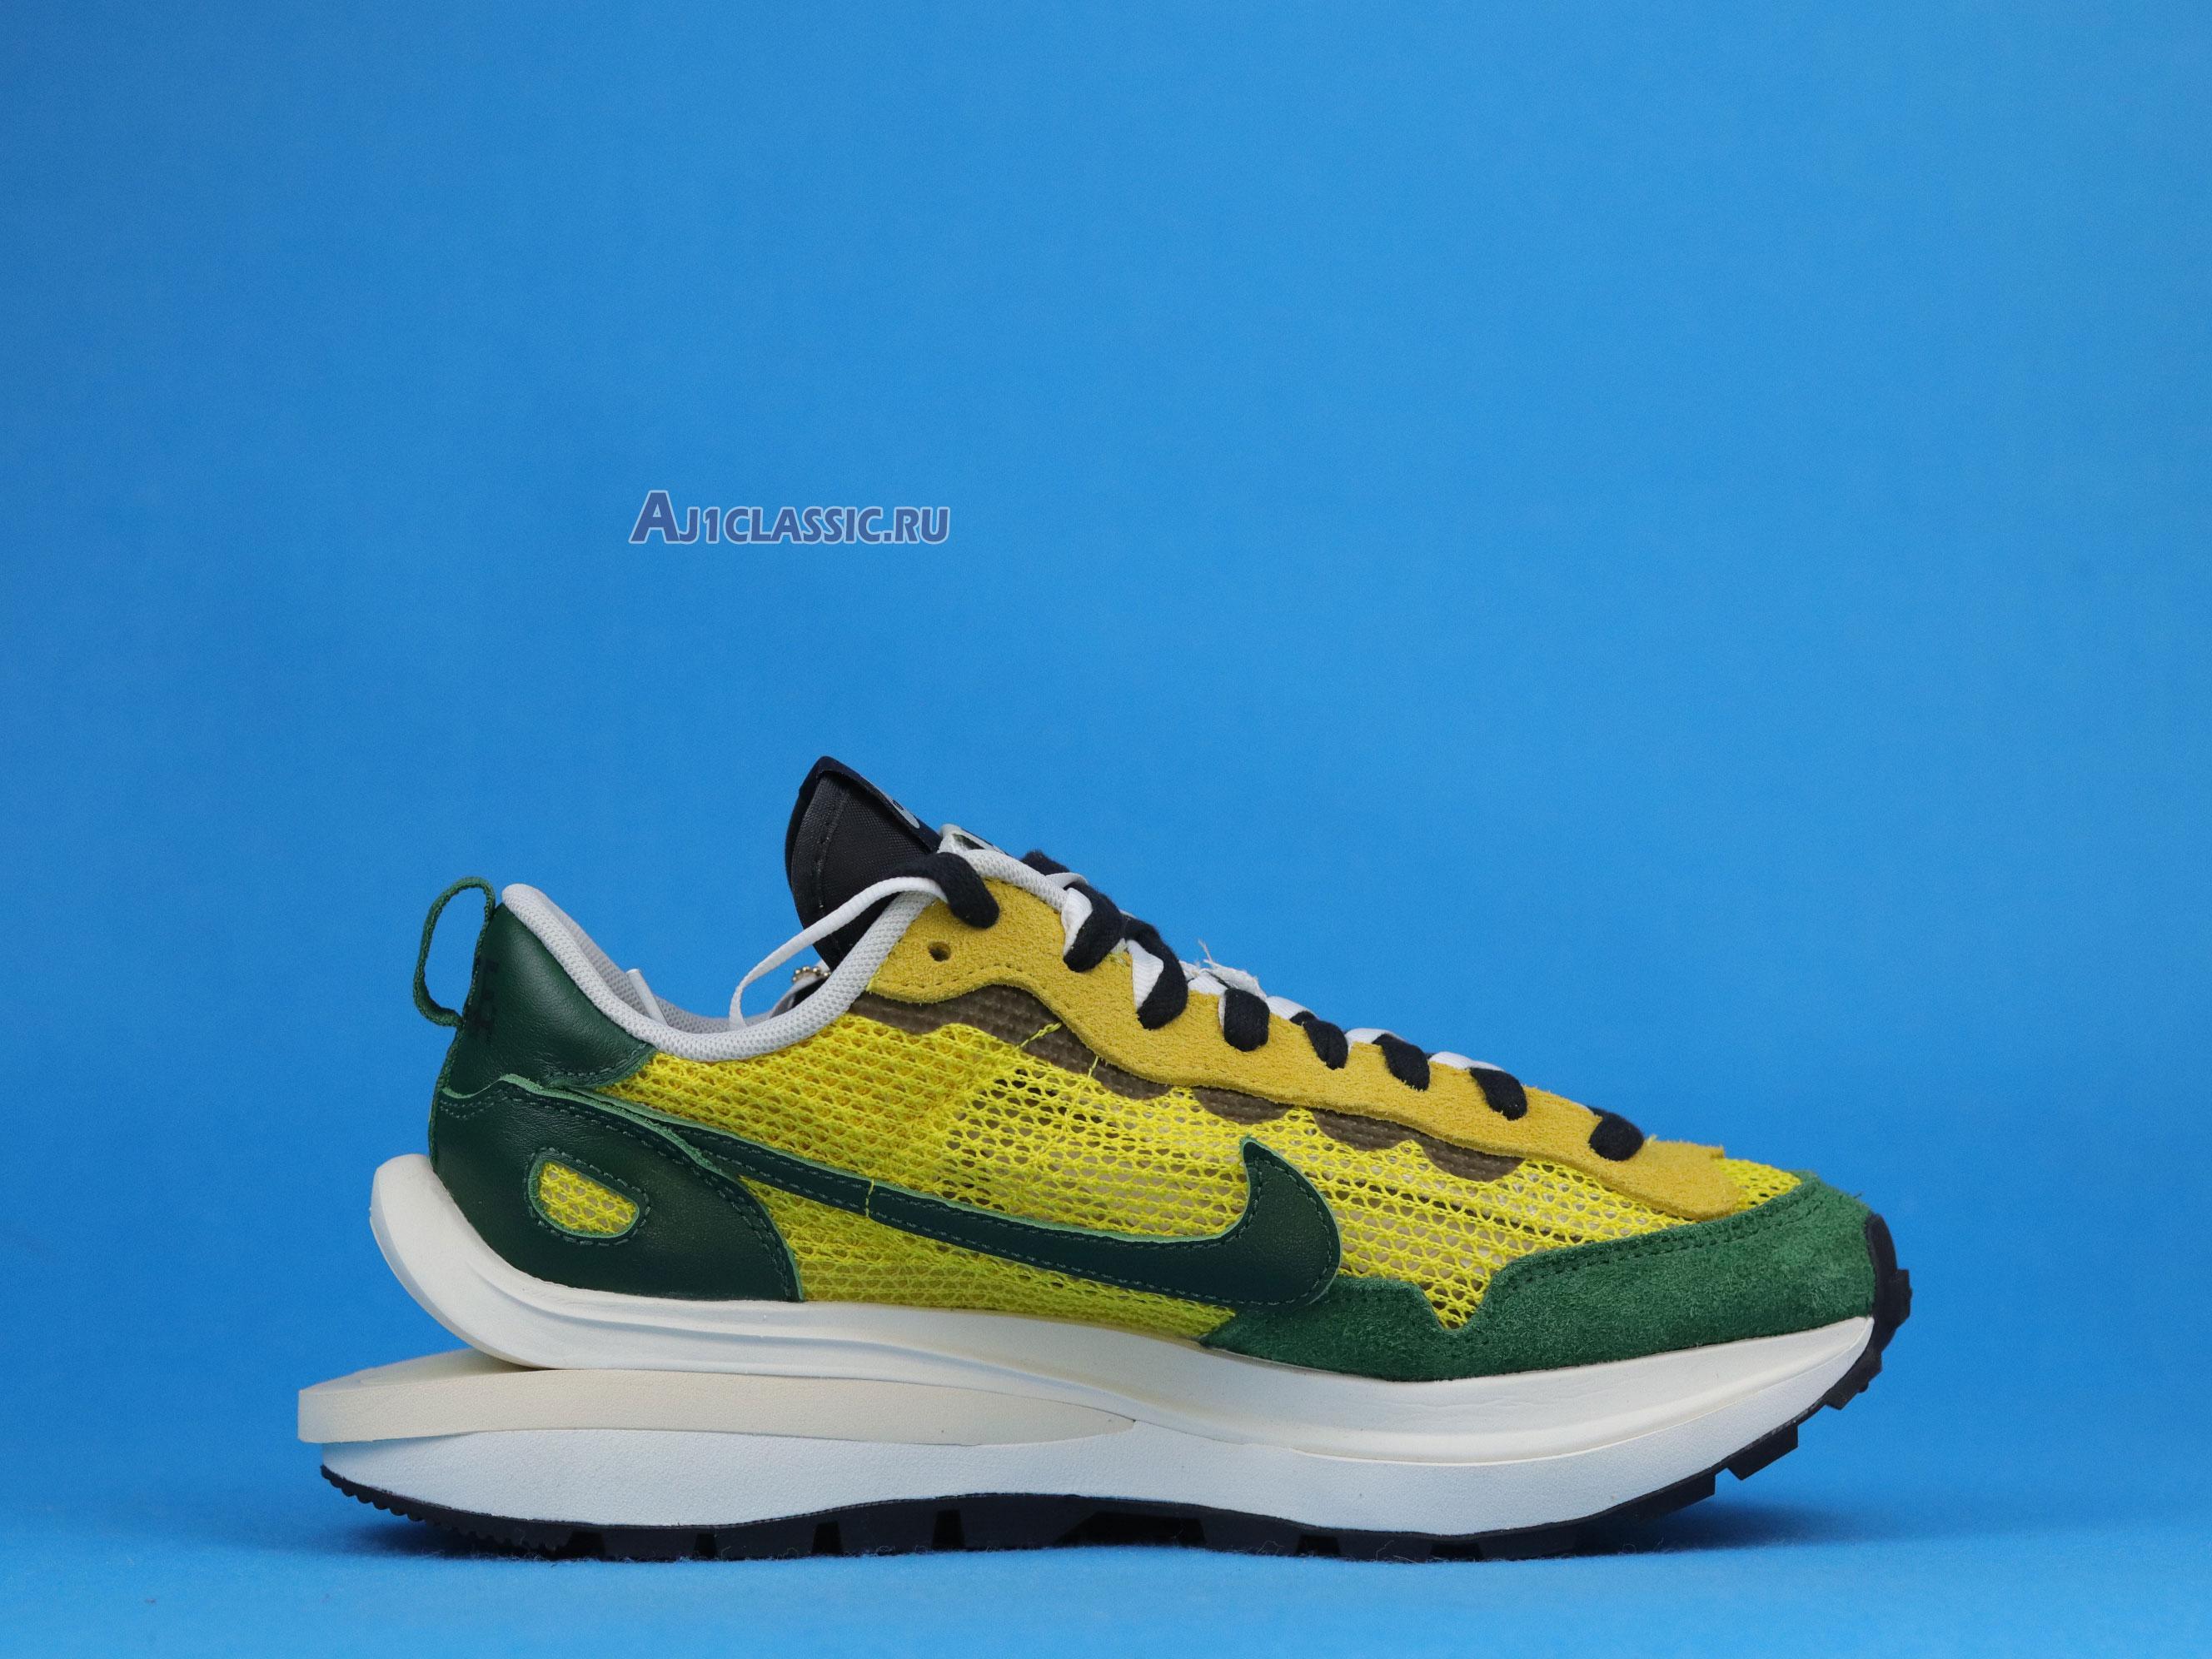 """Sacai x Nike VaporWaffle """"Tour Yellow"""" CV1363-700"""